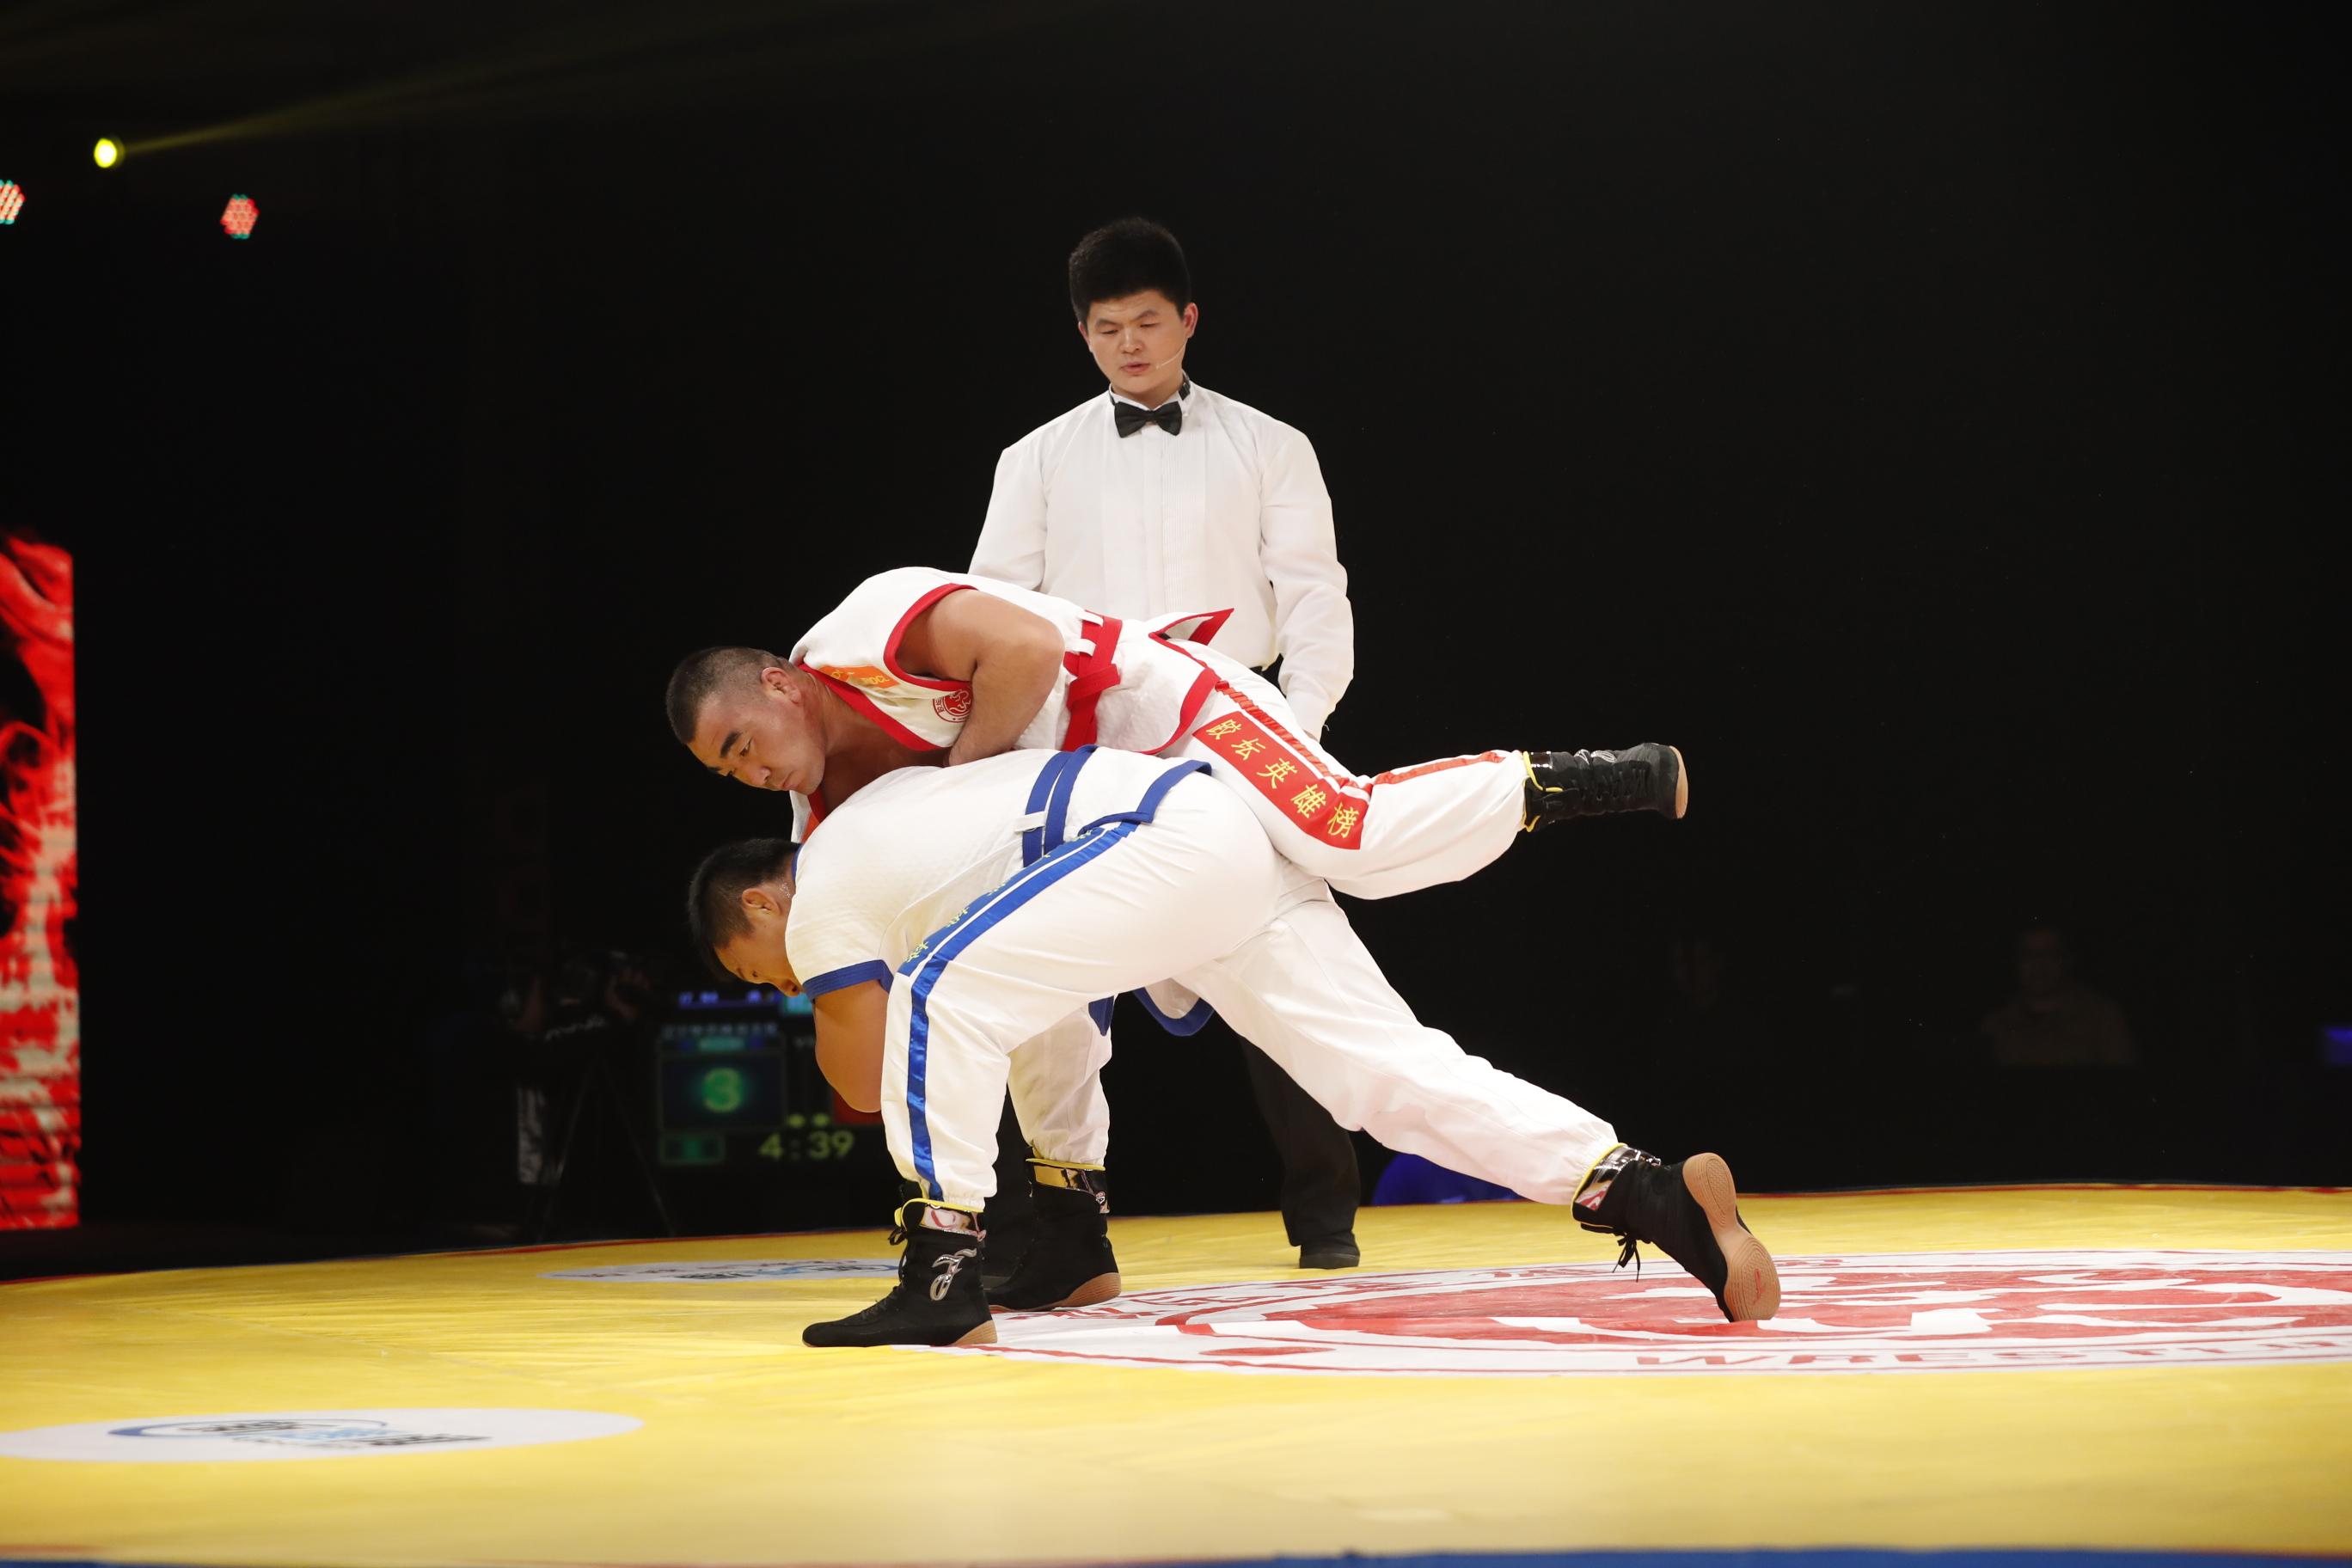 《跤坛英雄榜》男子超重量级90kg比赛